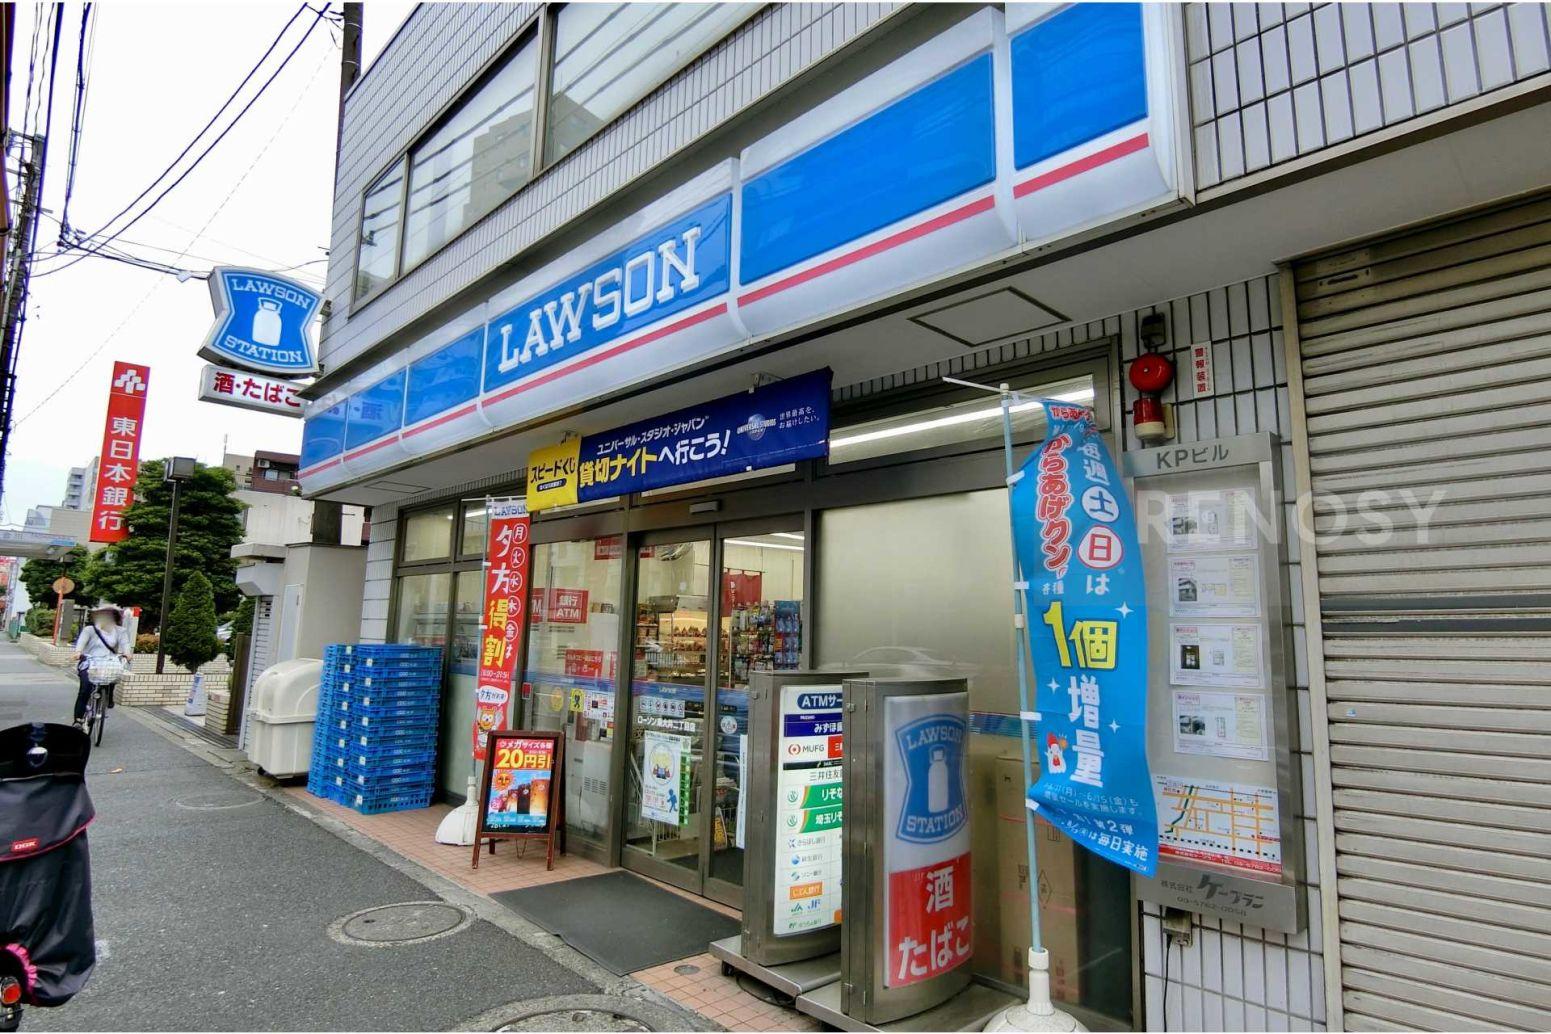 Le-lion 南大井